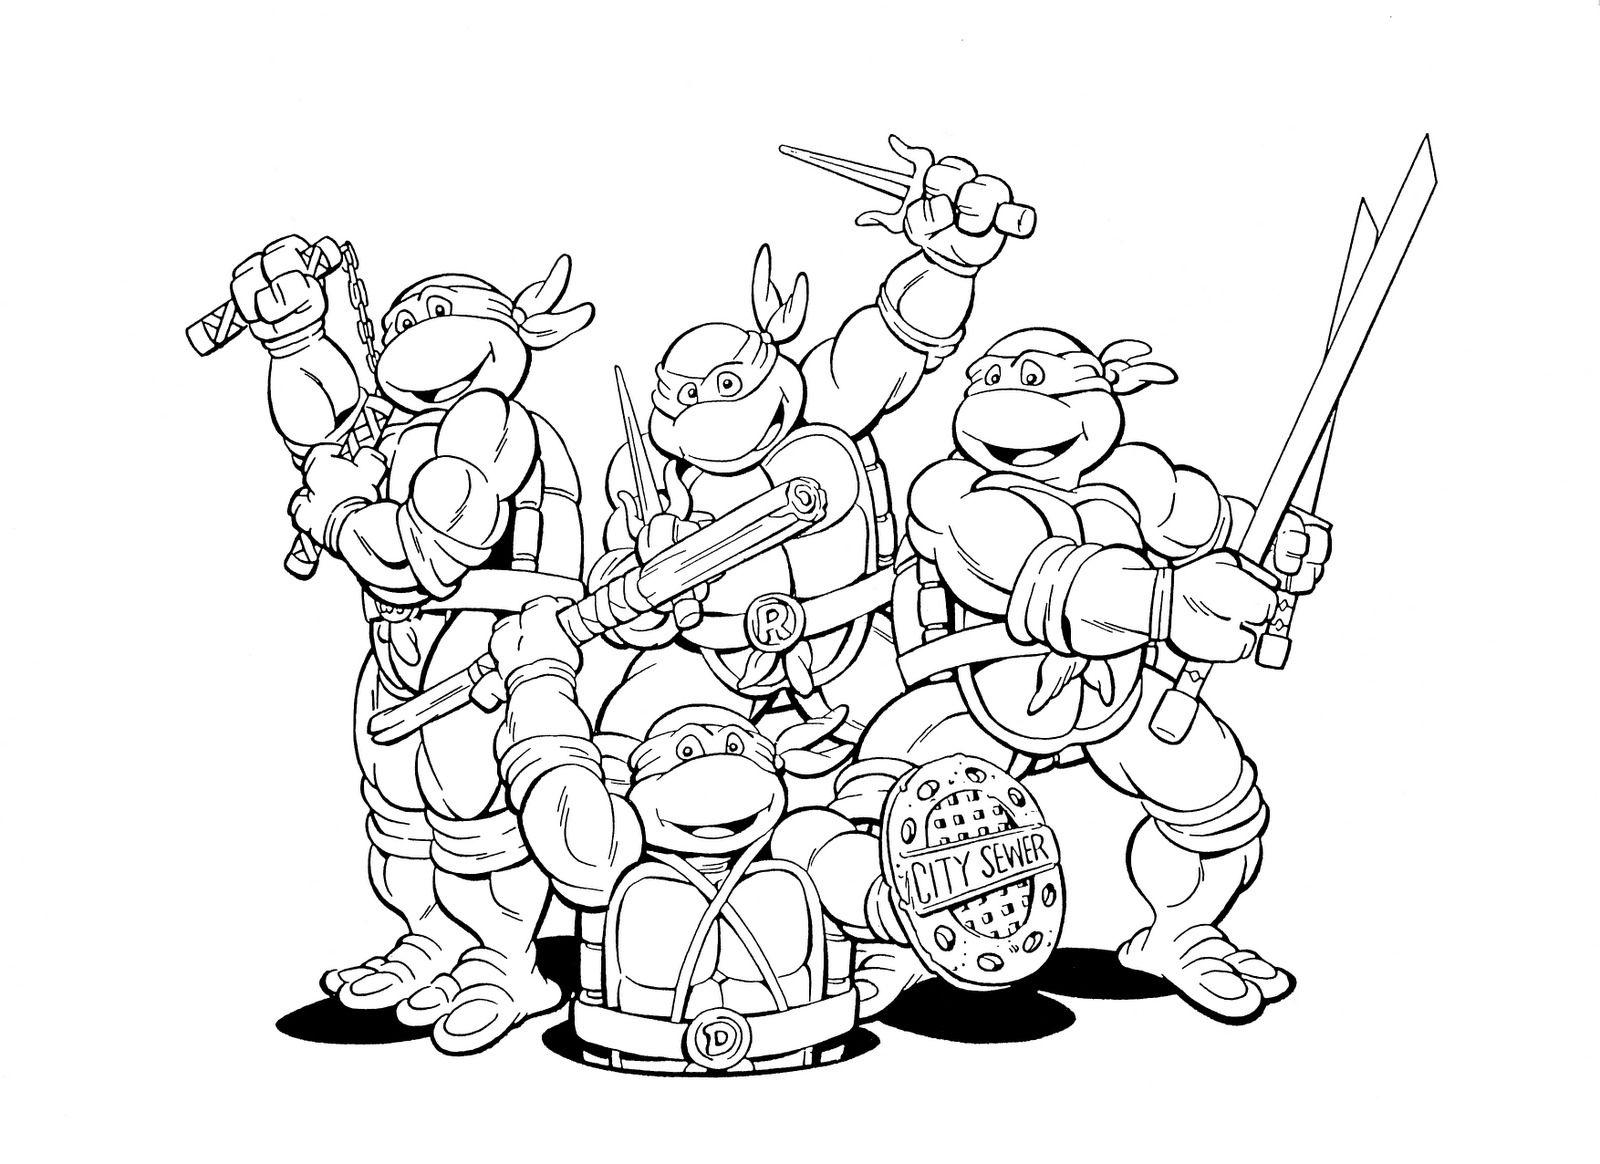 Dibujos Para Colorear De Las Tortugas Ninja 2014 Tortugas Ninjas Colorear Pokemon Ninja Dibujo